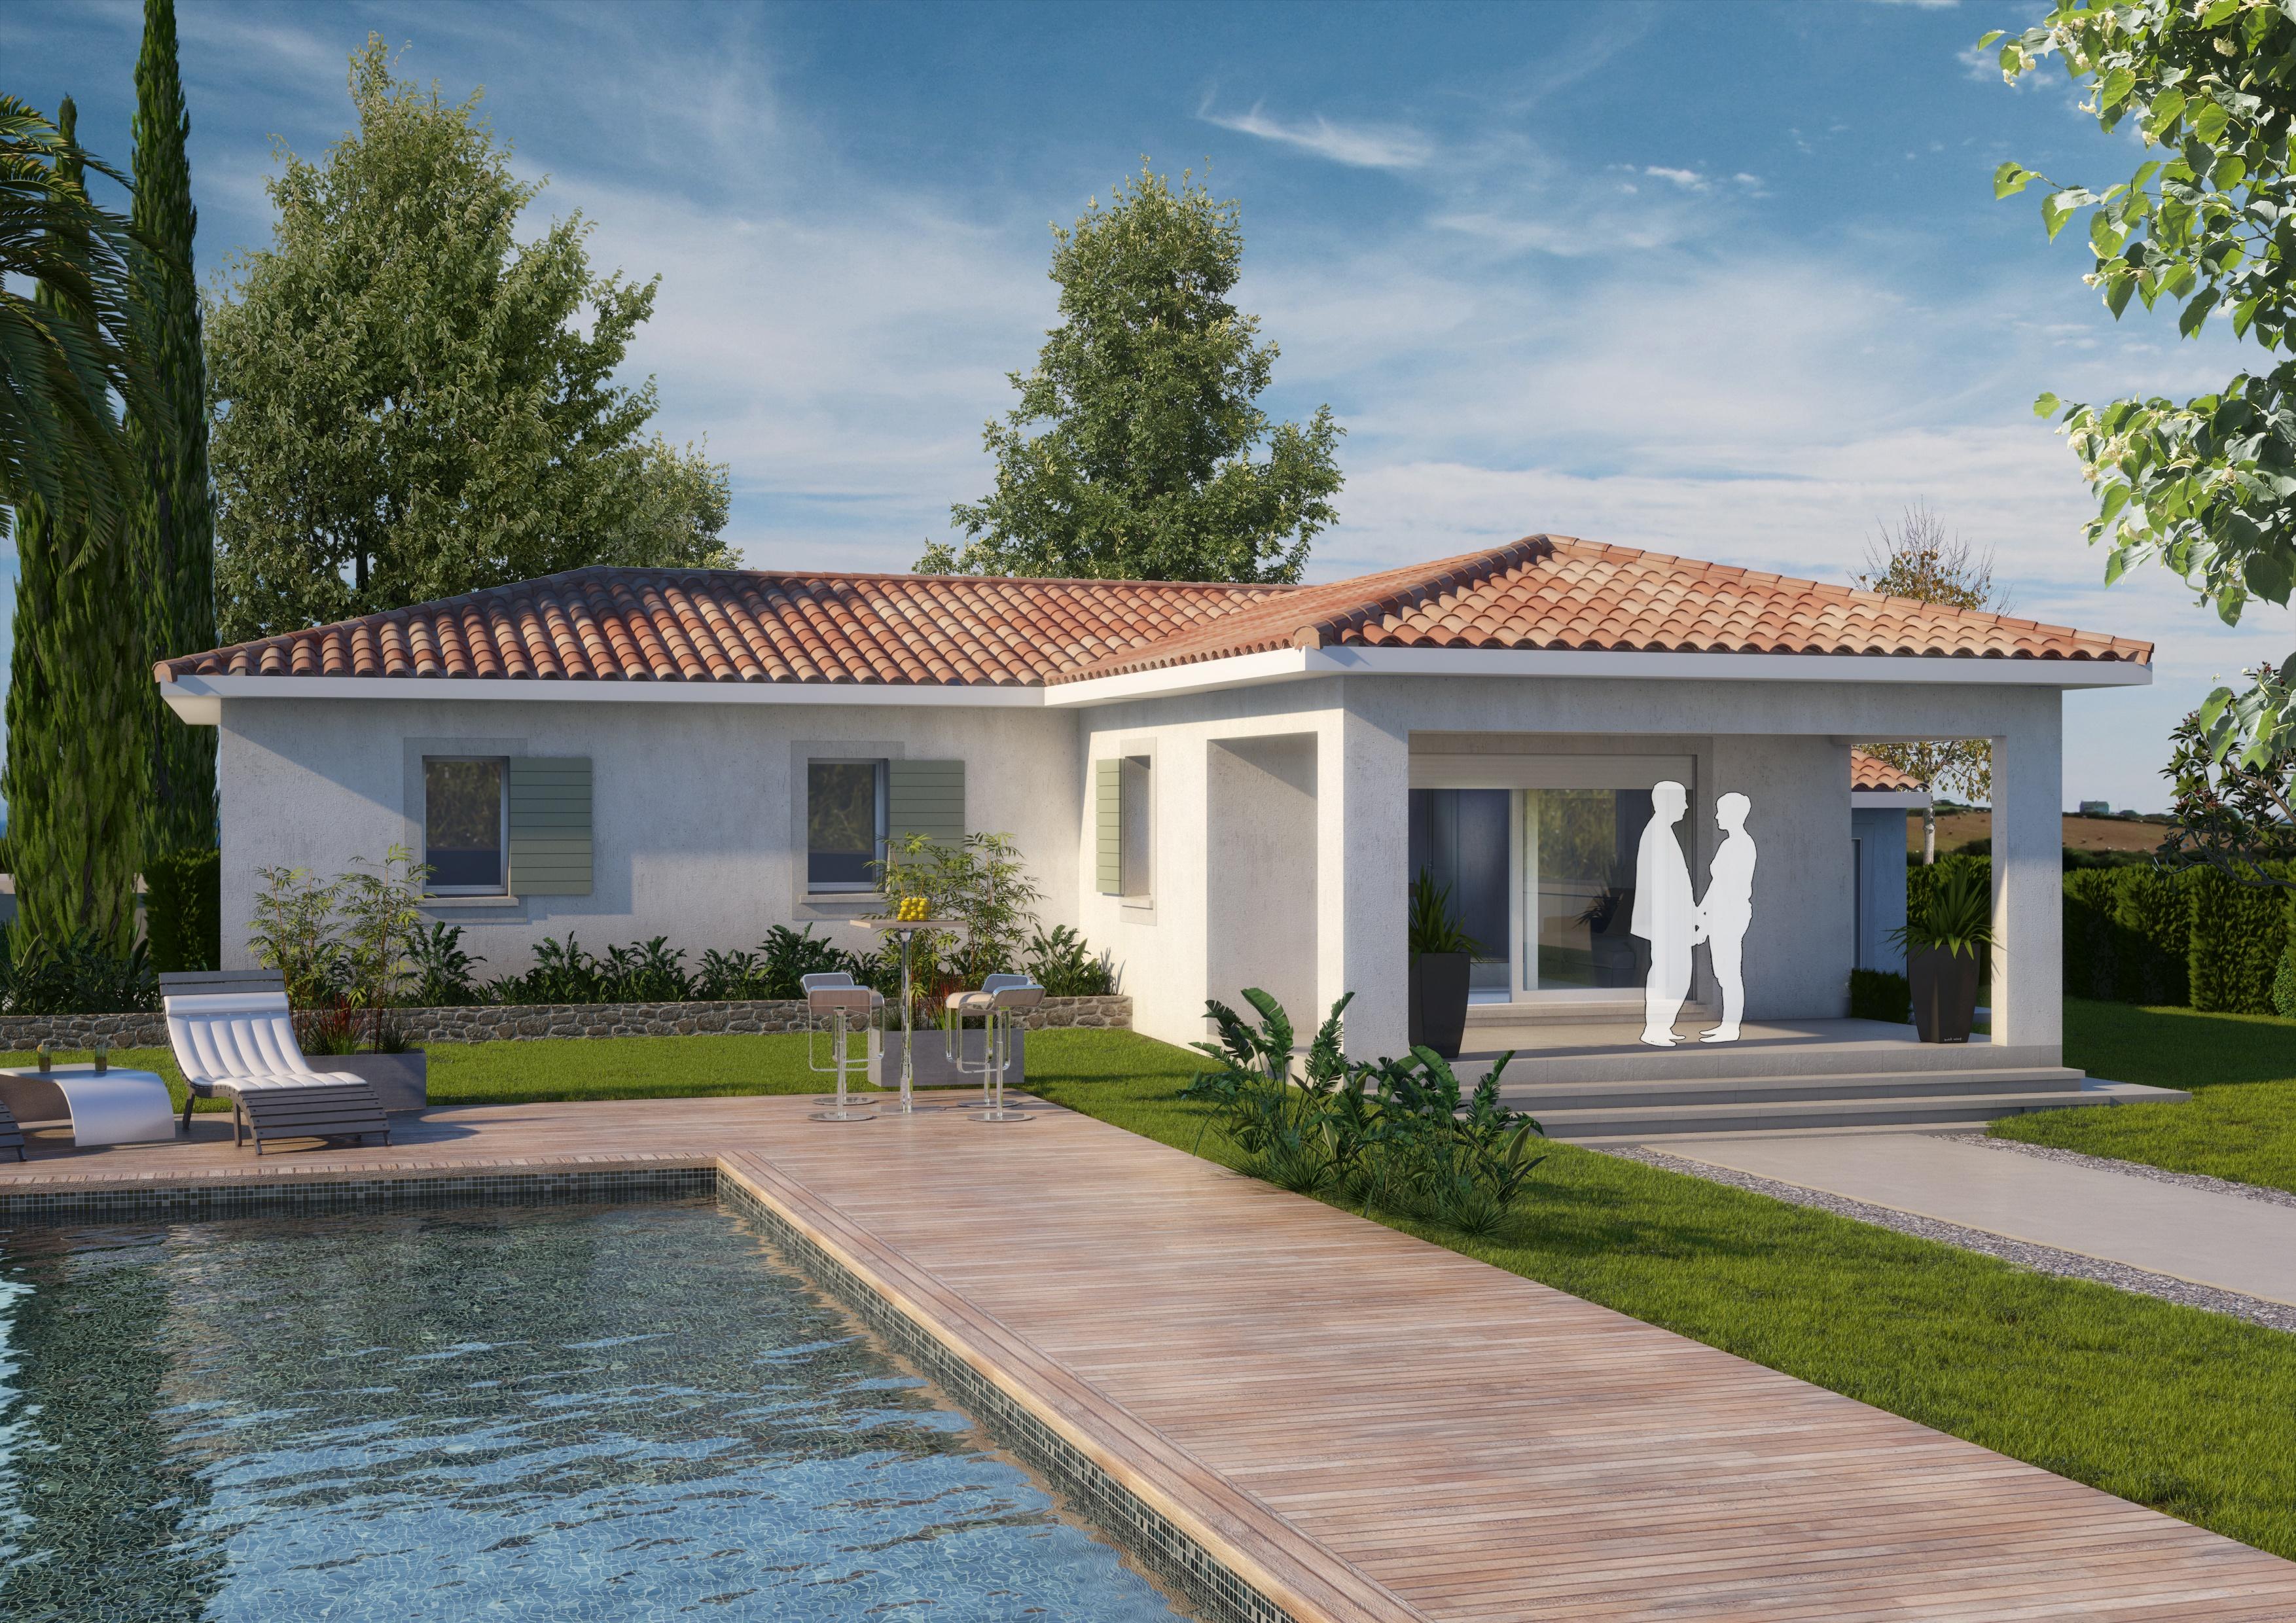 Maisons + Terrains du constructeur ART ET TRADITIONS MEDITERRANEE • 100 m² • SAINT PAULET DE CAISSON